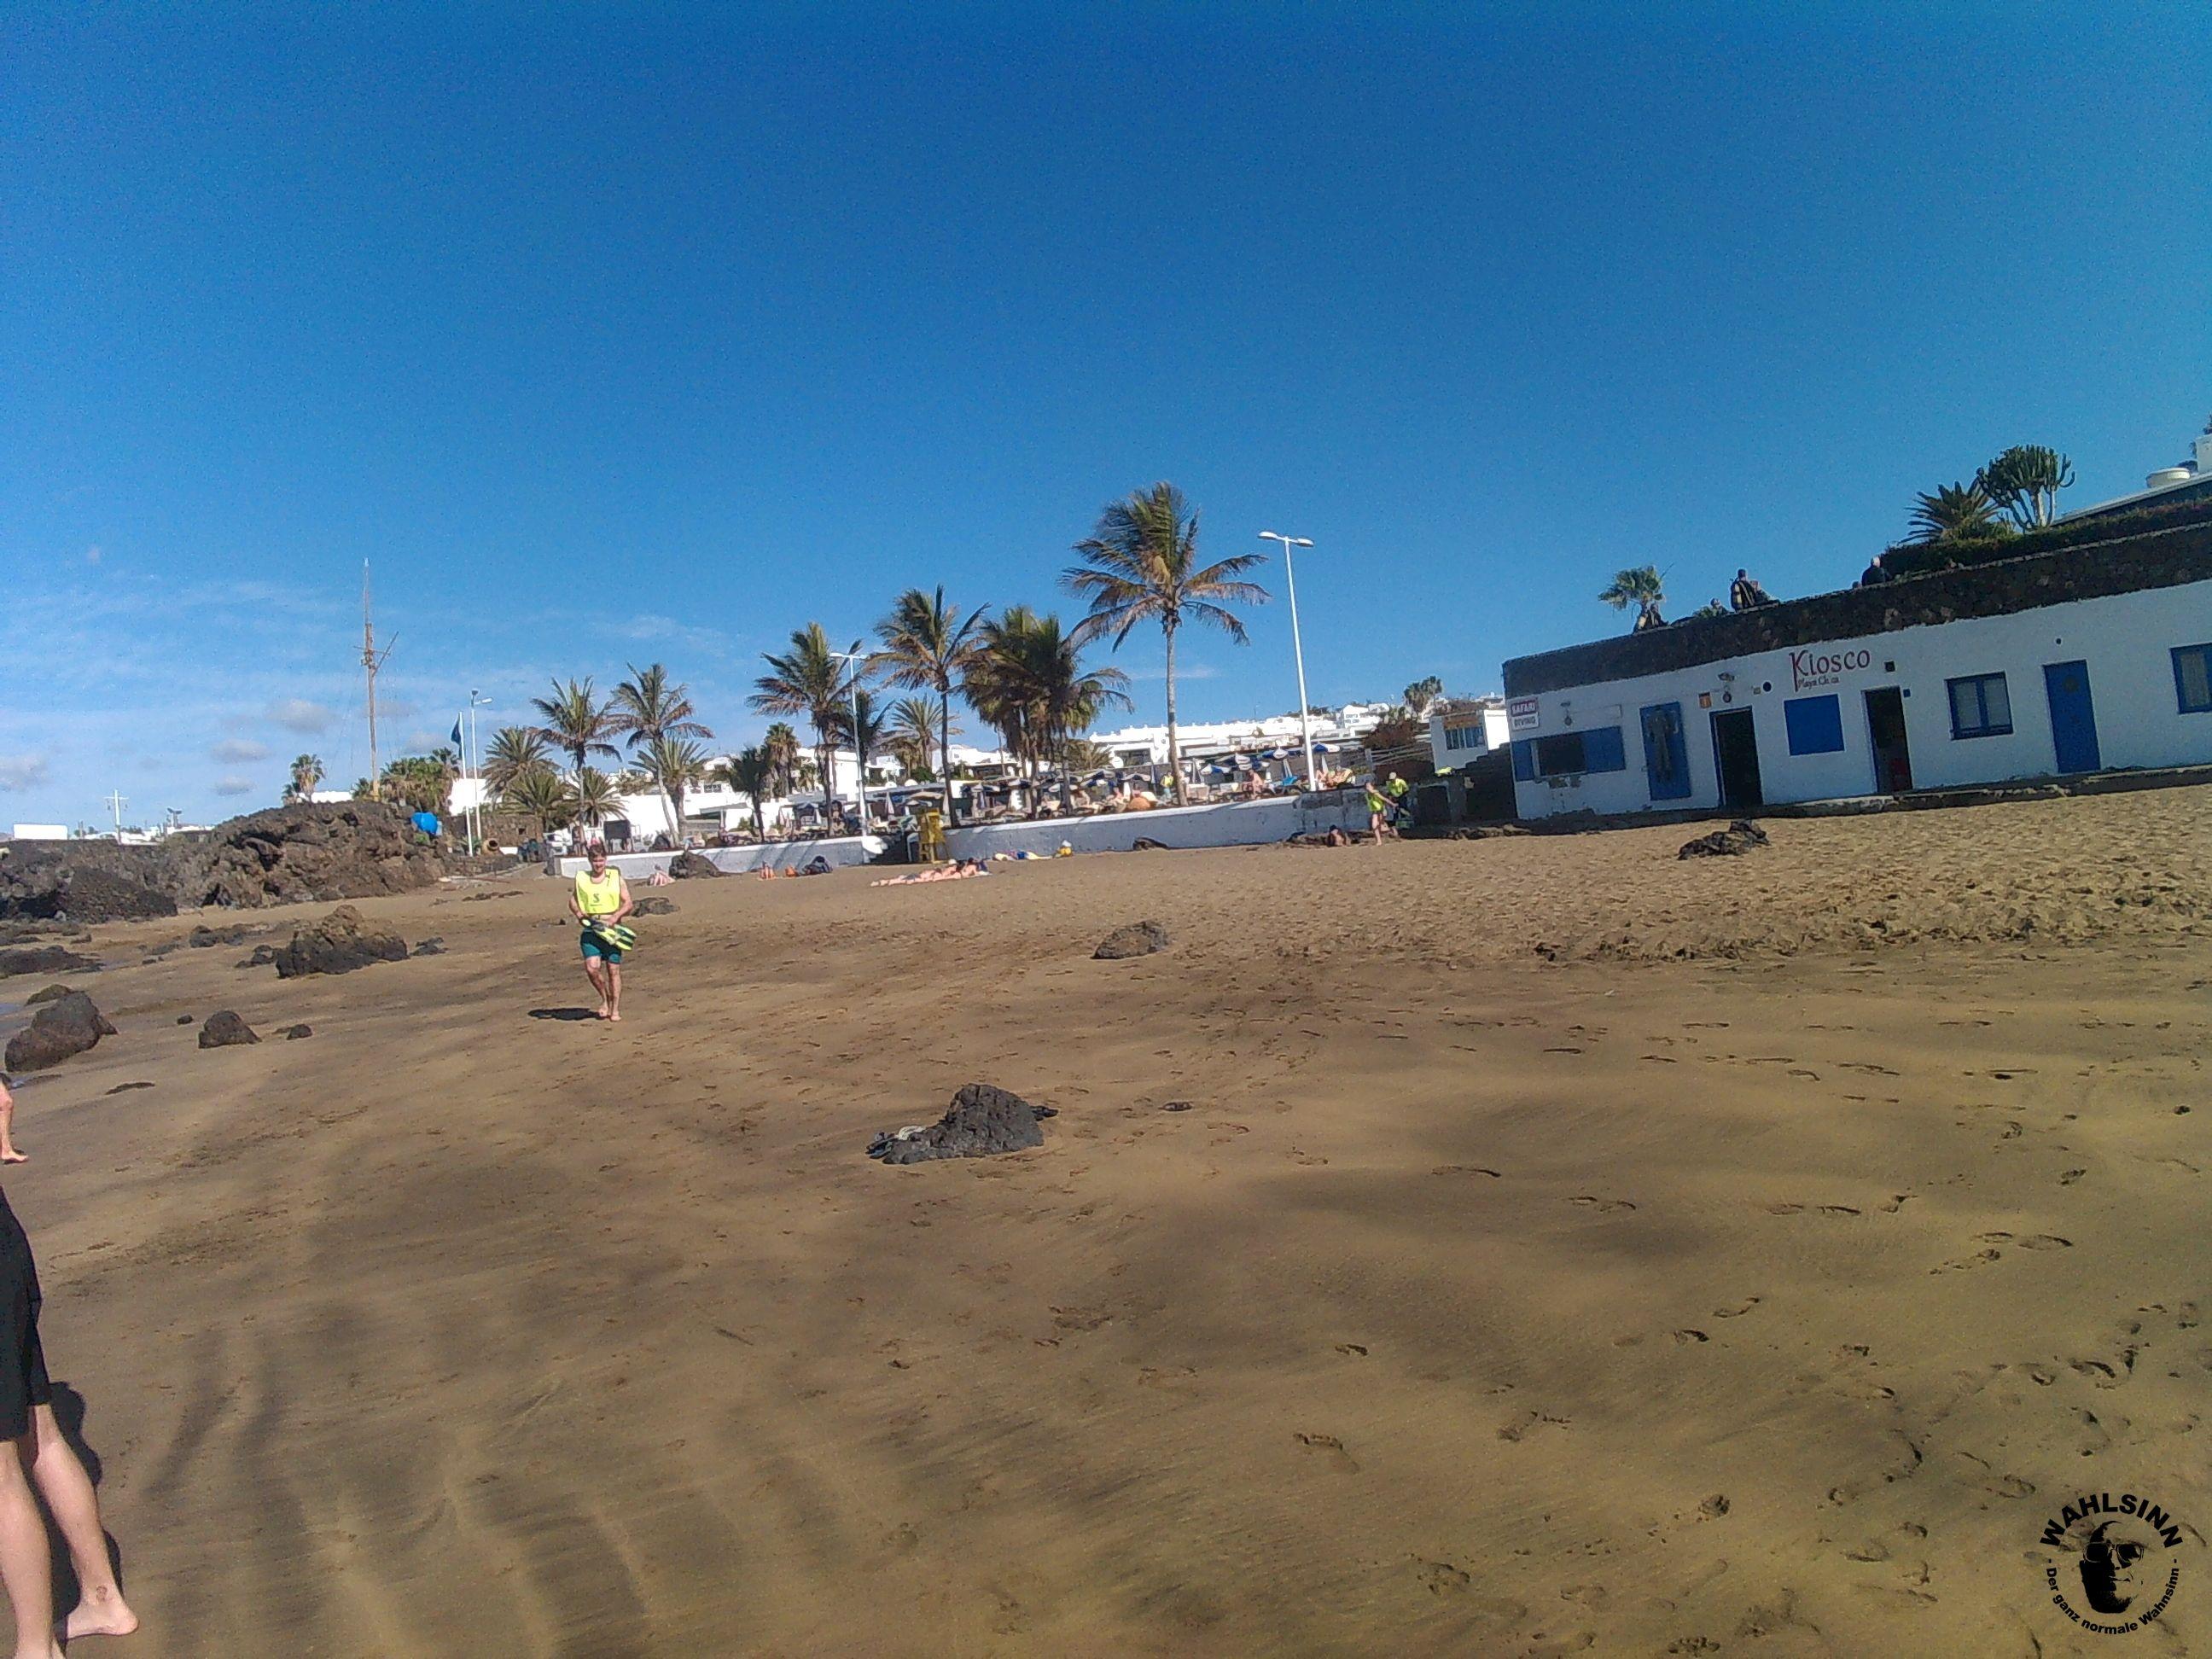 Tauchen Lanzarote - Playa Chica - Der Strand mit Blick auf den Kiosk und die Tauchbasis